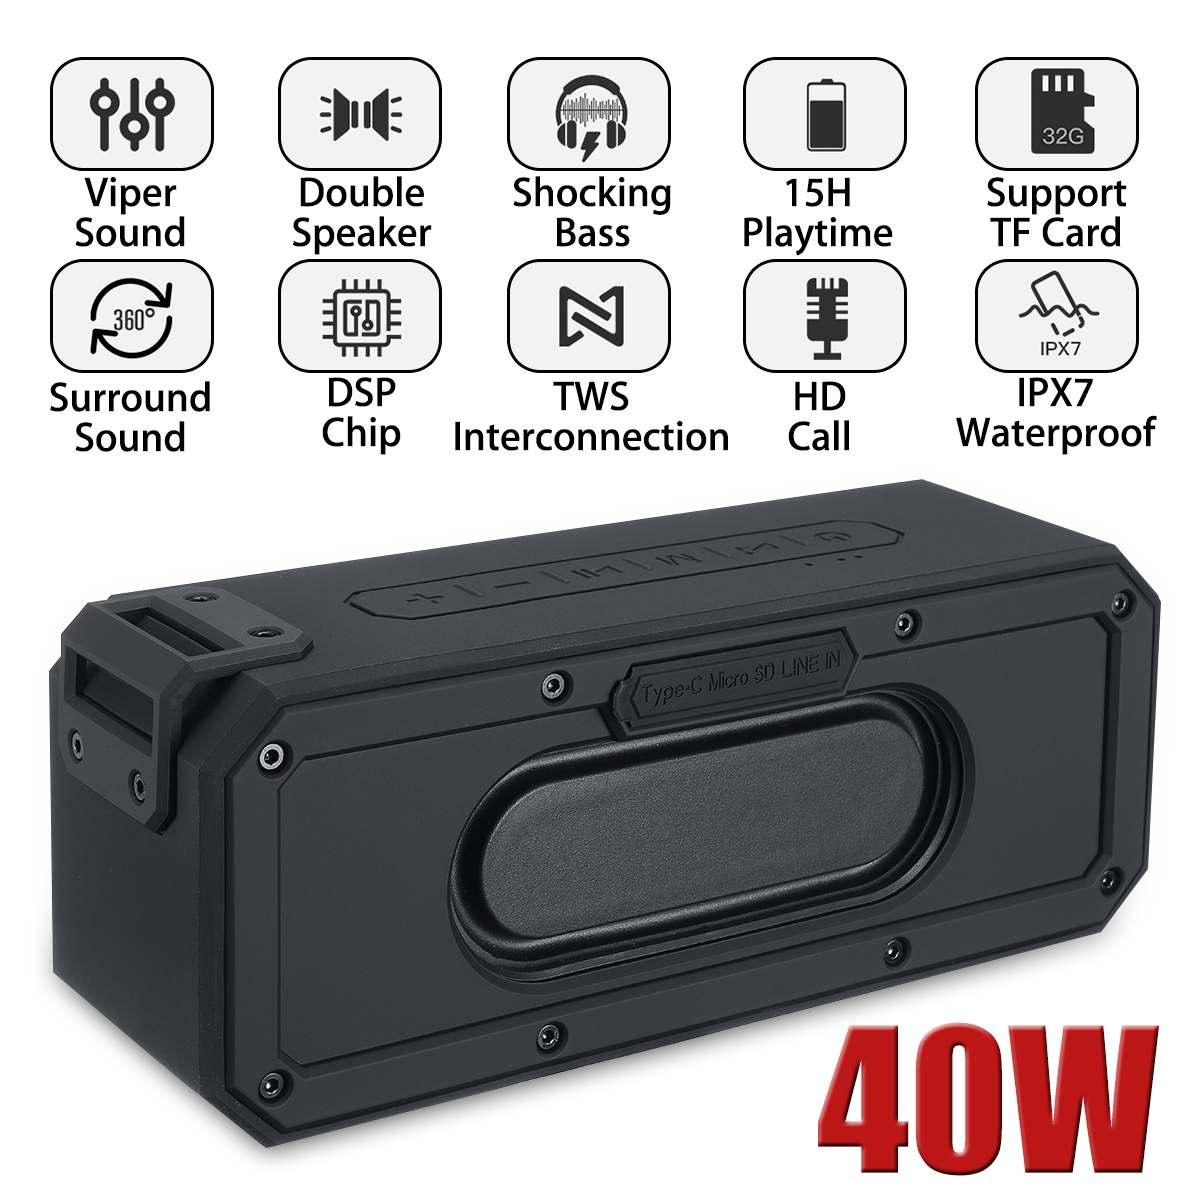 40W bluetooth haut-parleur colonne Portable haut-parleur IPX7 étanche Subwoofer avec 360 stéréo son haut-parleurs extérieurs Boombox